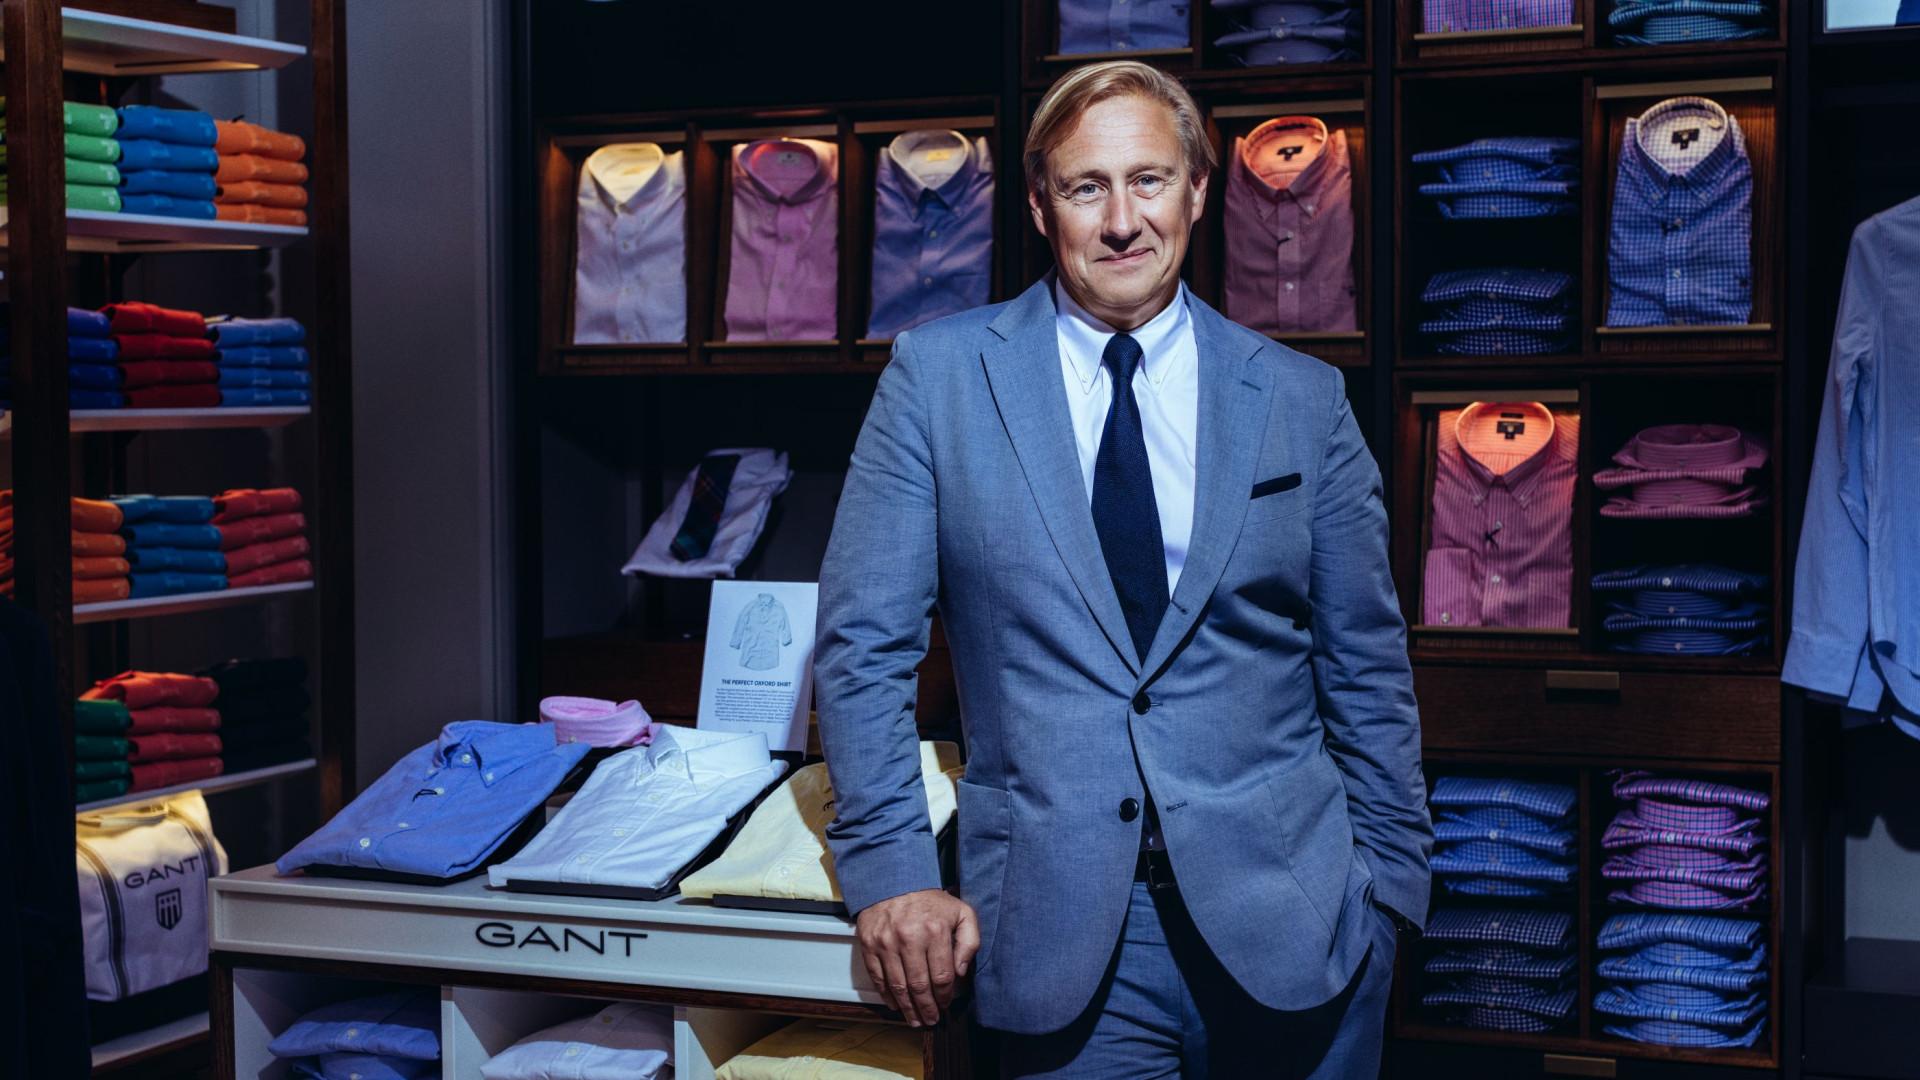 CEO da Gant: Da queda da Ricon, à aposta no mercado português